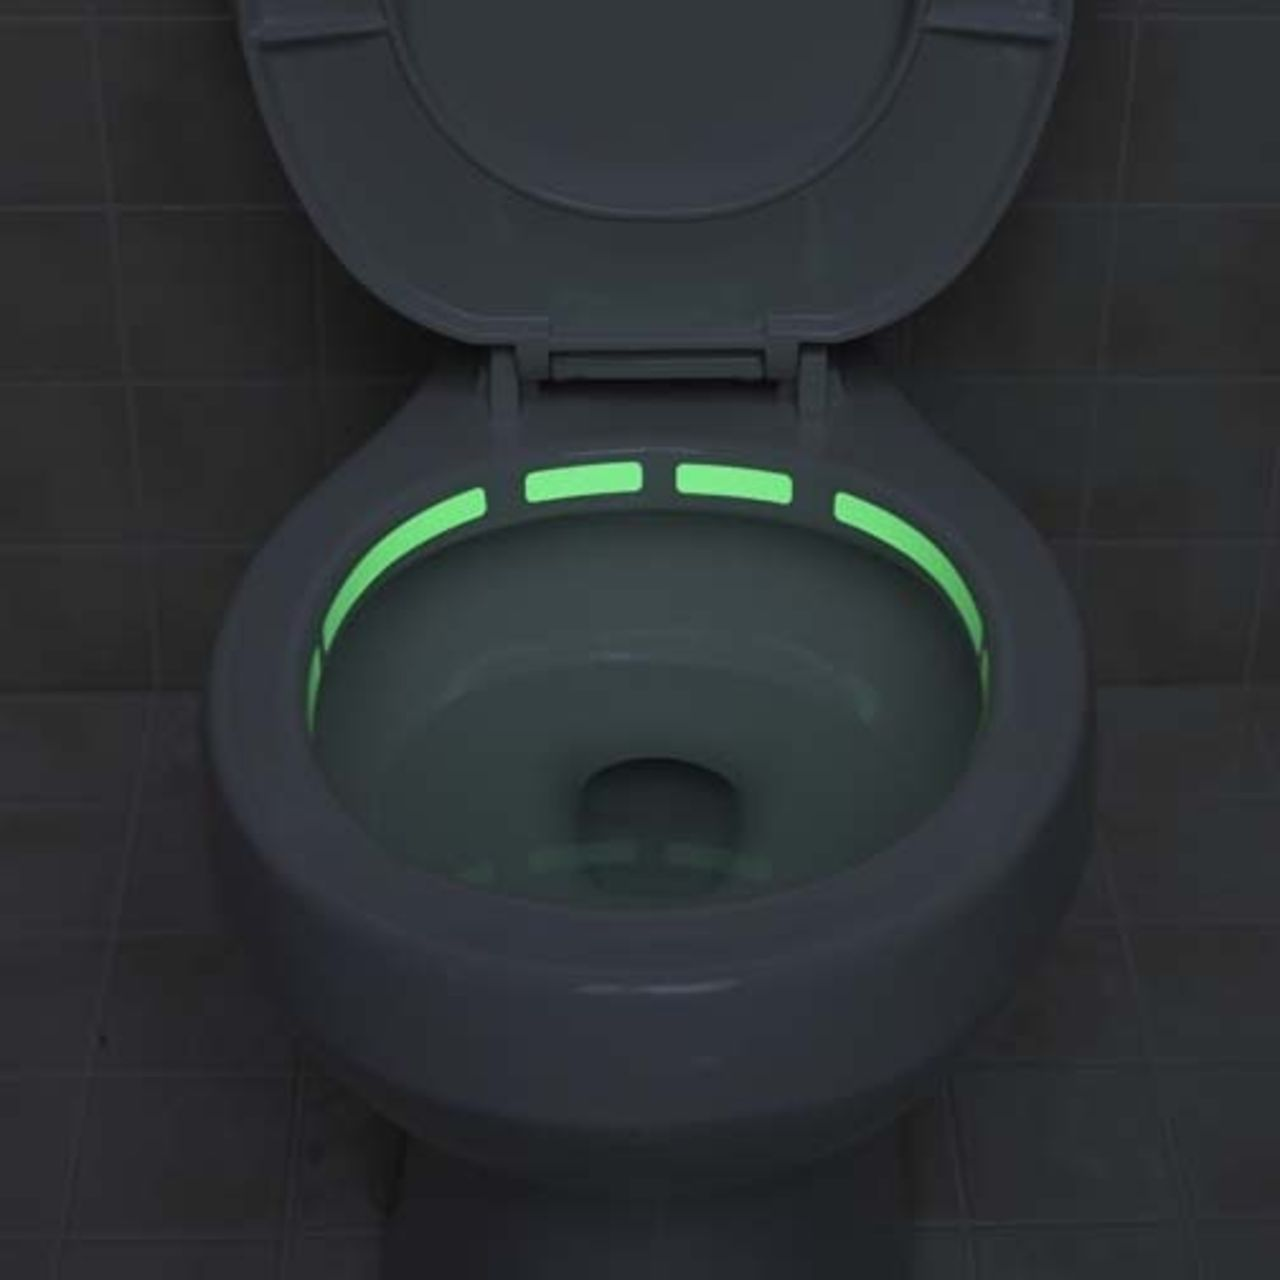 Туалетный ободок с подсветкой